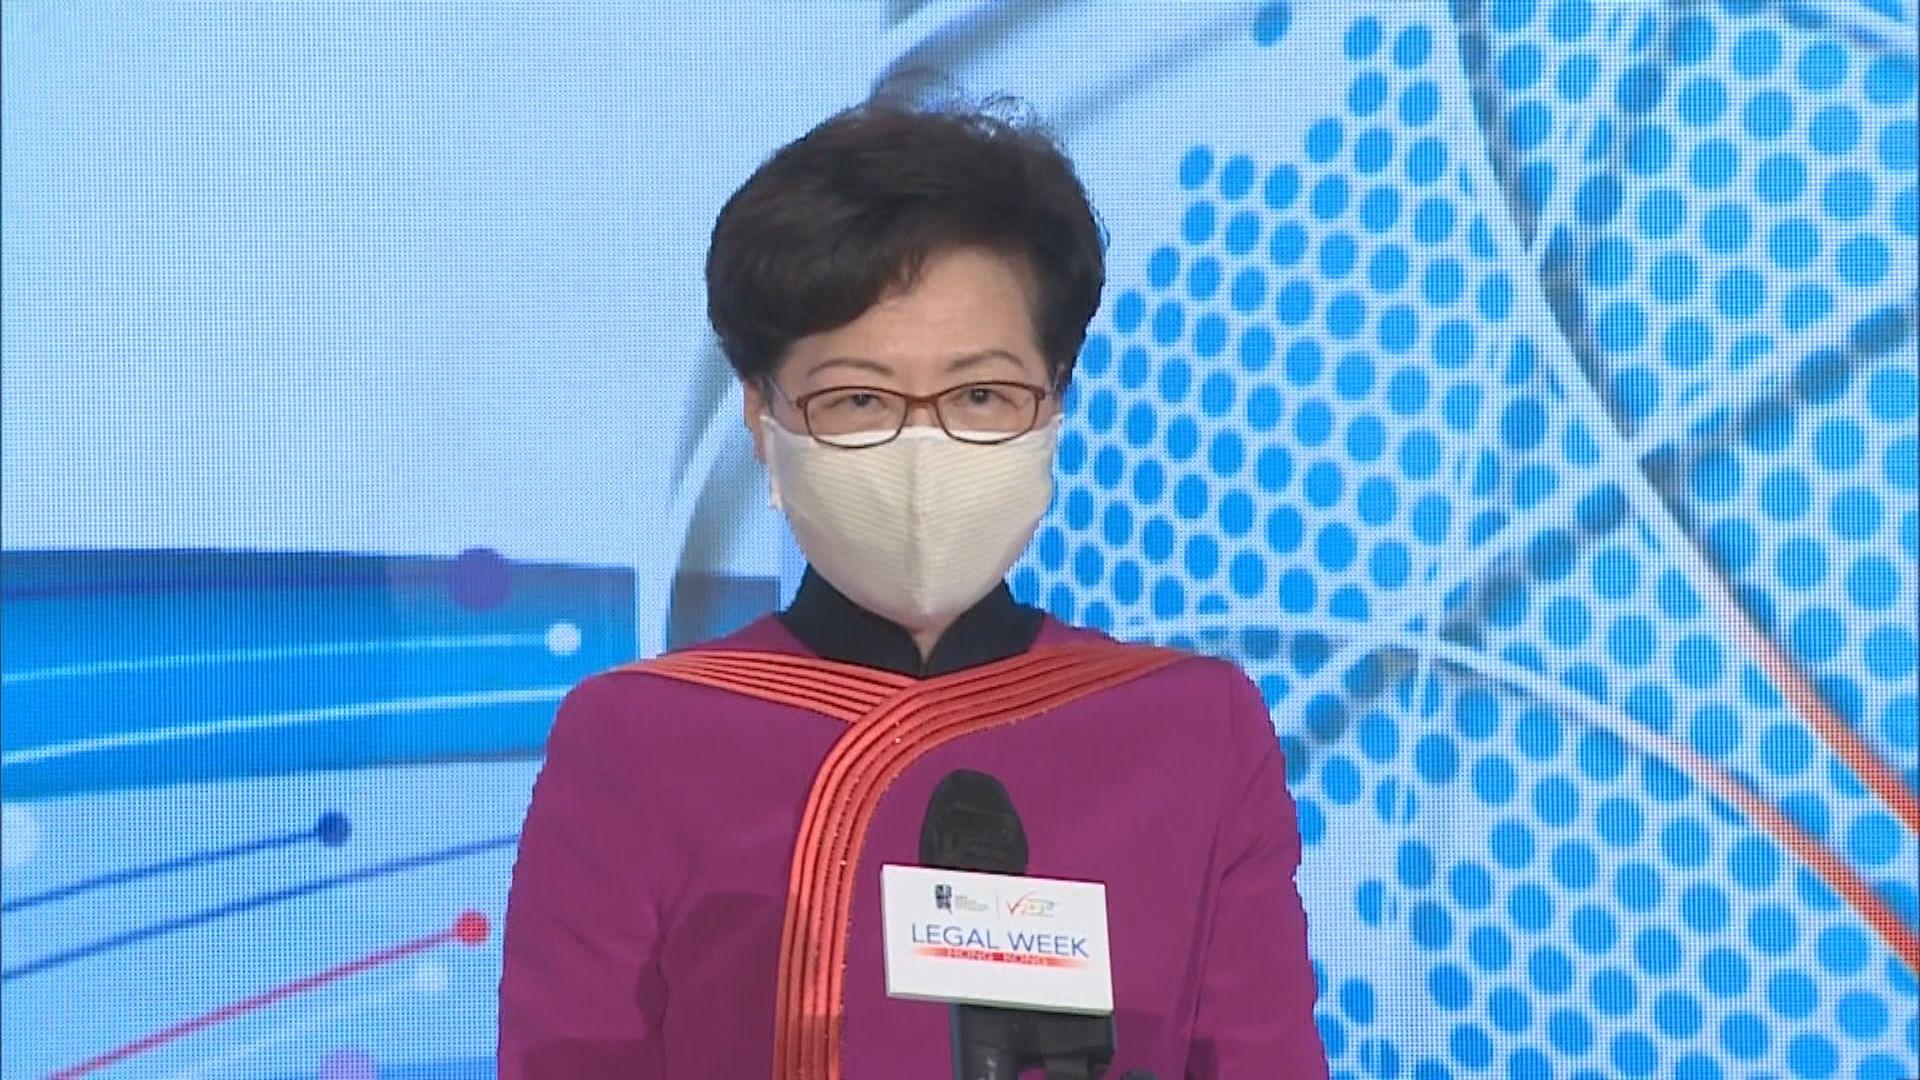 林鄭月娥為法律周致辭 重申訂立國安法是及時和有必要